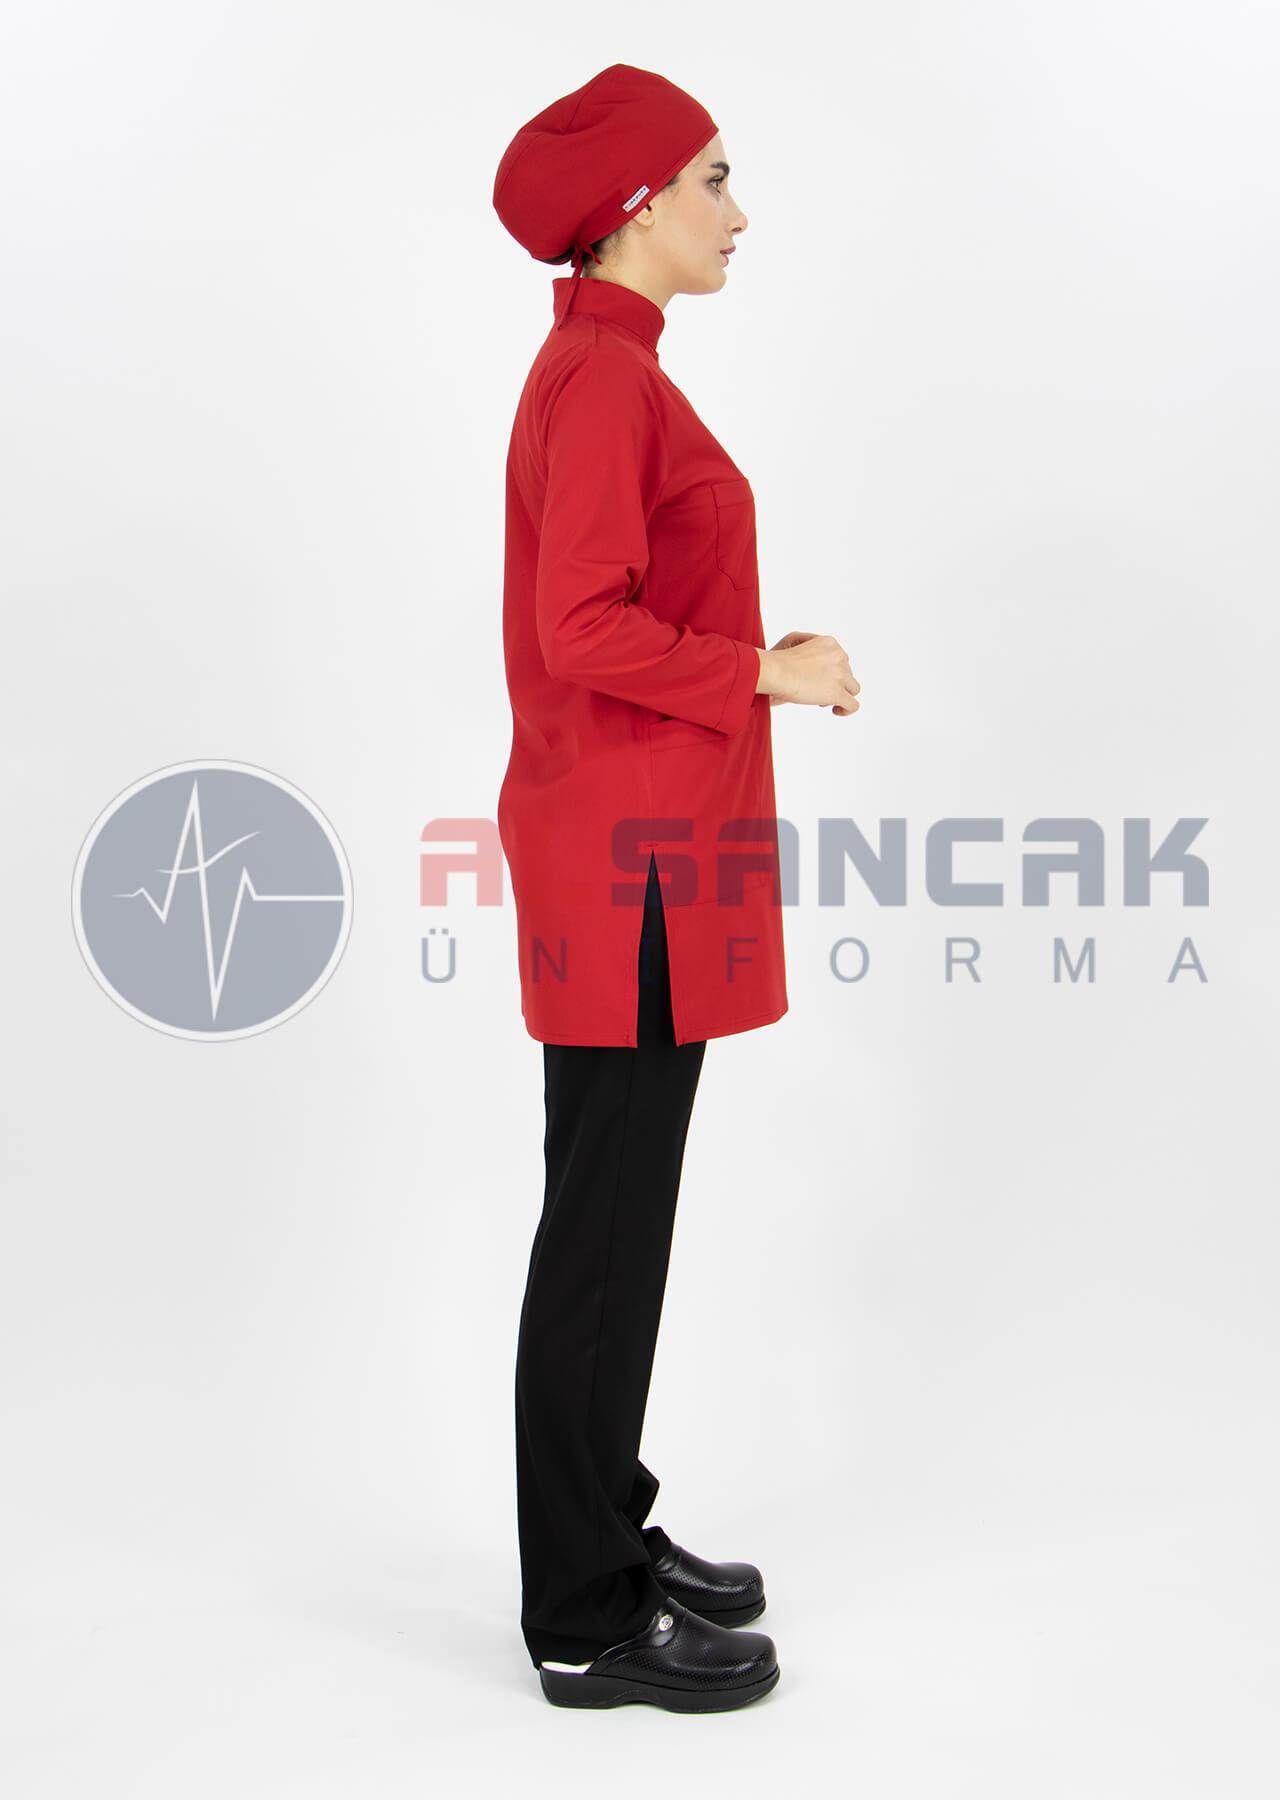 Kırmızı/Siyah Likralı Tesettür Hemşire ve Doktor Forması